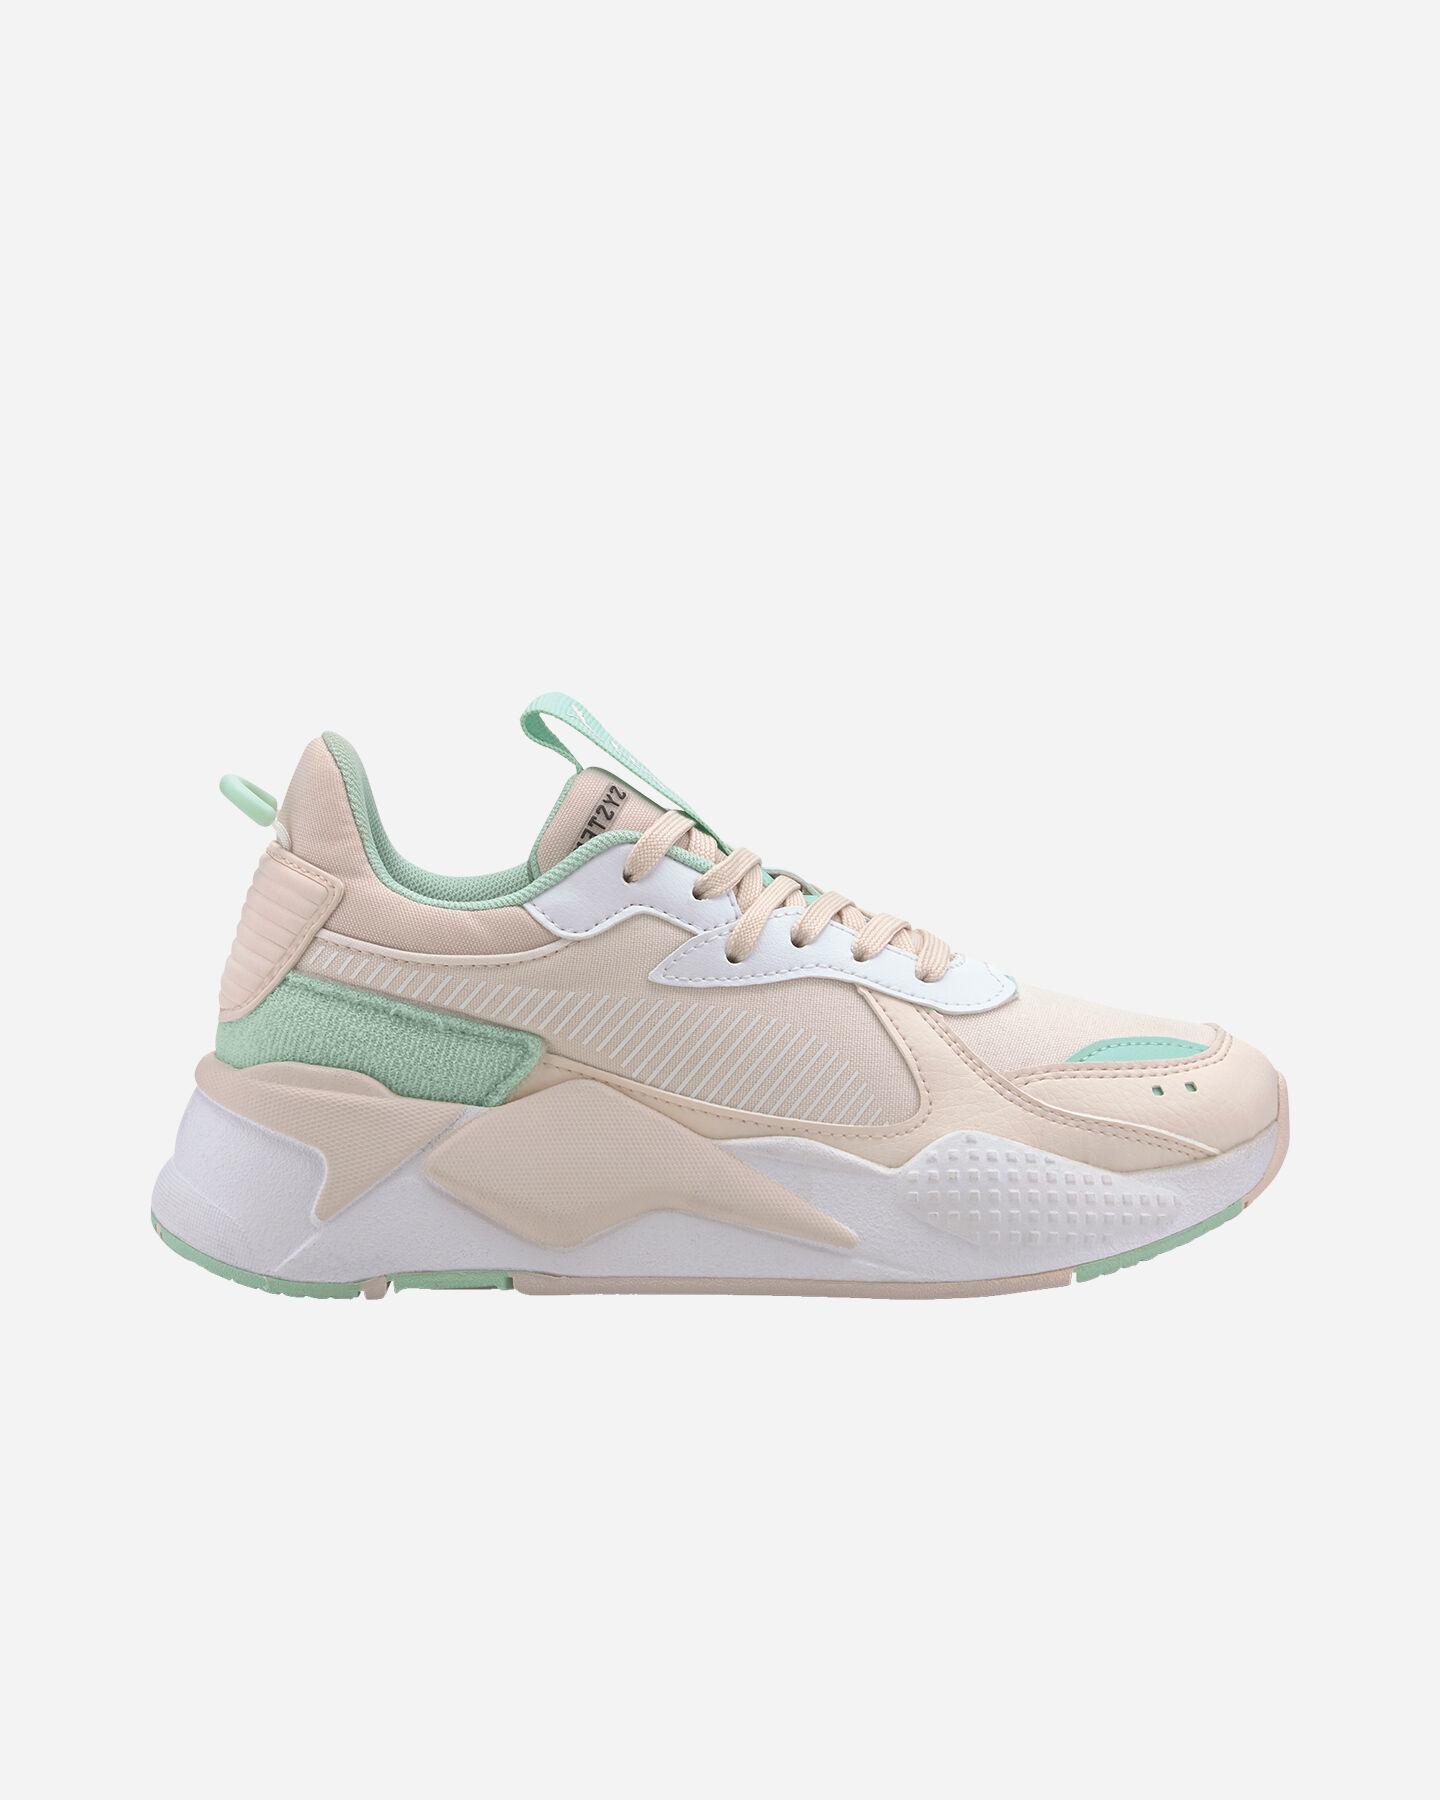 Scarpe sneakers PUMA RS-X COLLEGIATE GS JR S5173101 scatto 0